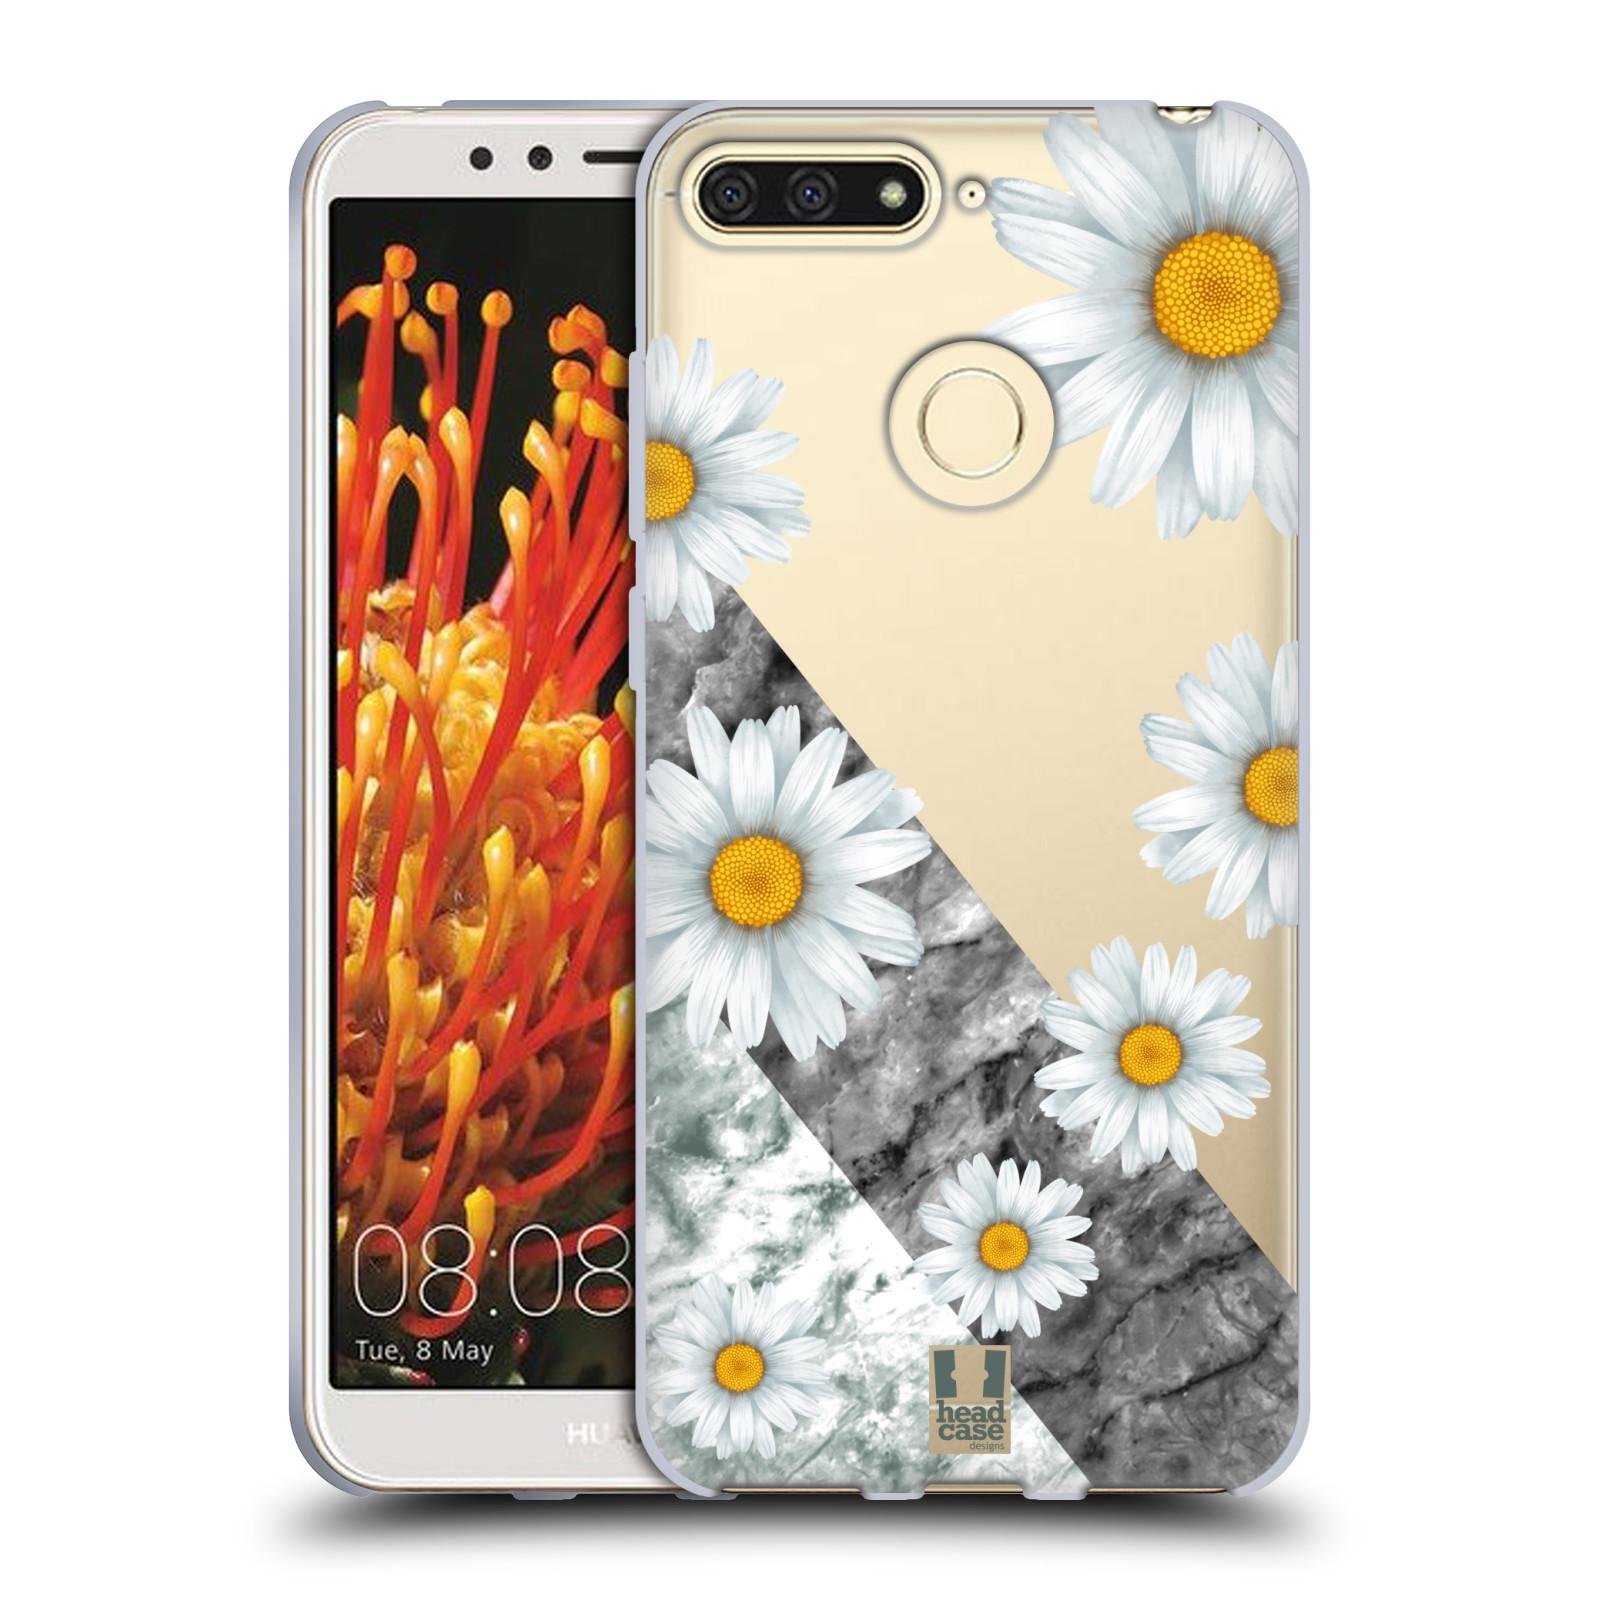 Silikonové pouzdro na mobil Huawei Y6 Prime (2018) - Head Case - Kopretiny a mramor